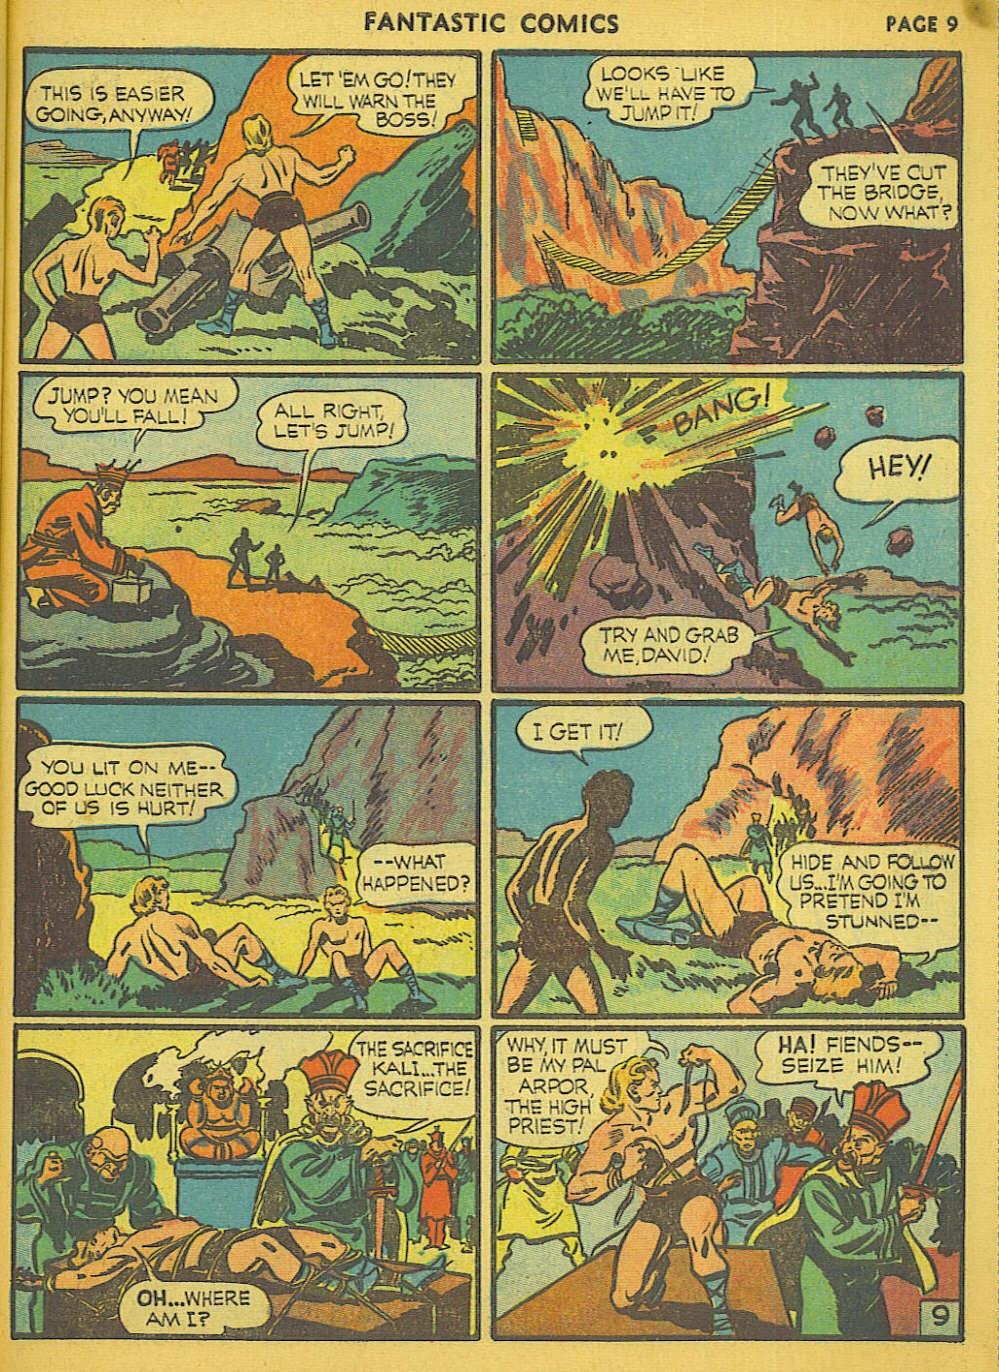 Read online Fantastic Comics comic -  Issue #15 - 62